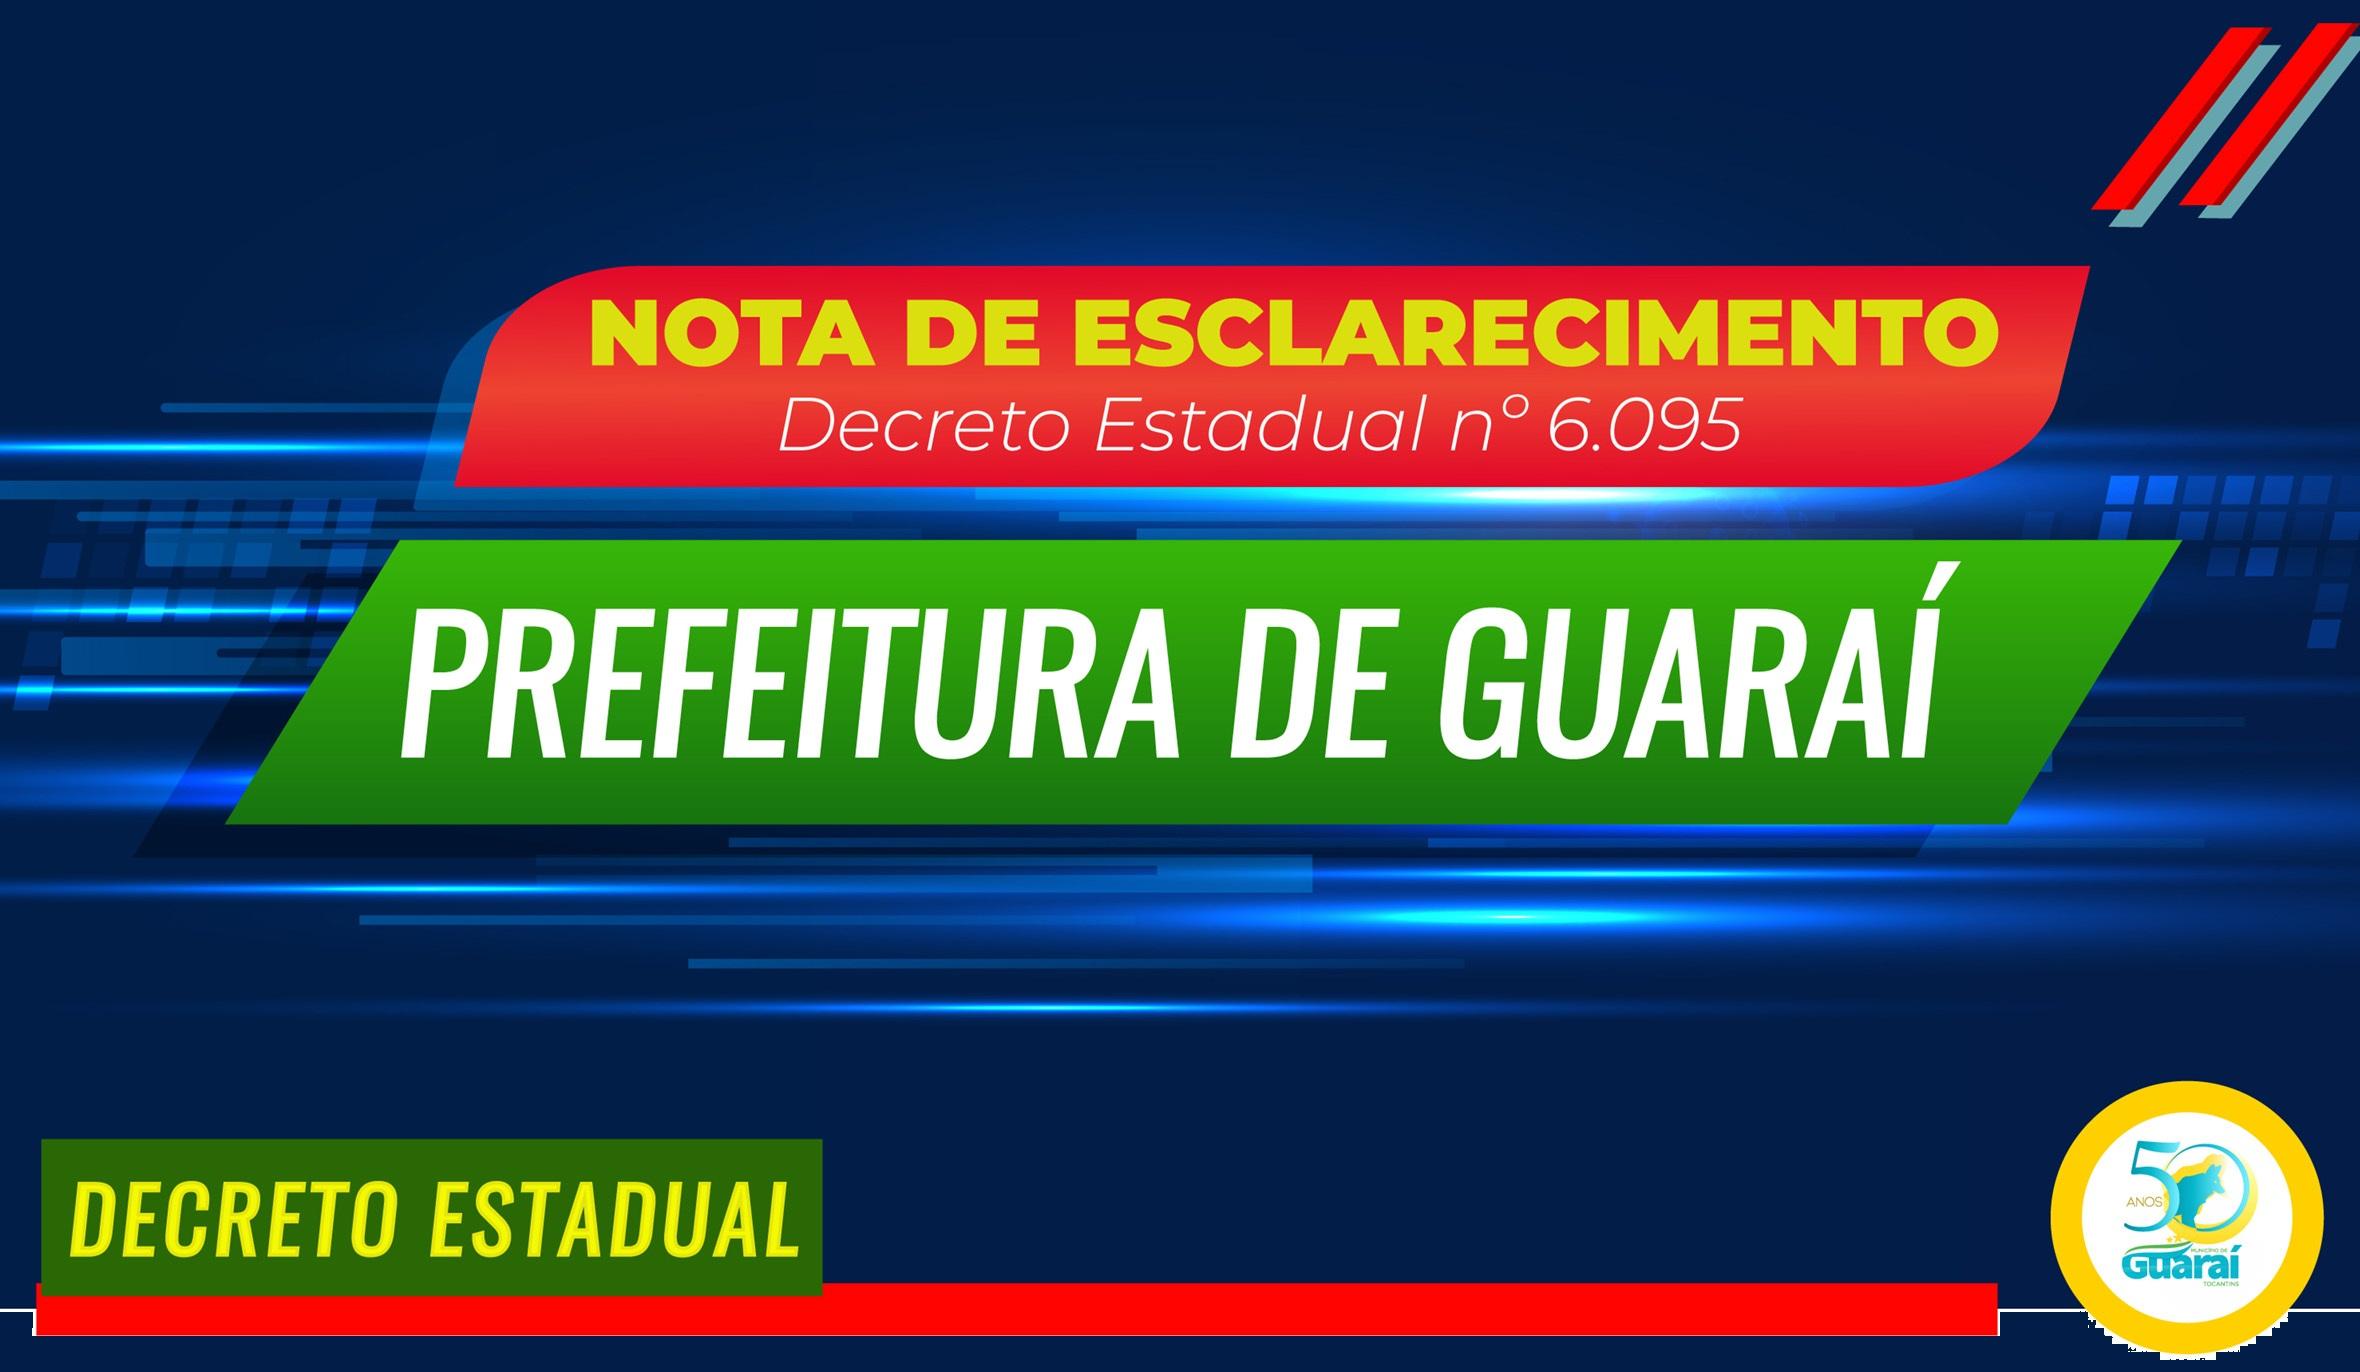 """Em nota, Prefeitura de Guaraí diz ter """"recebido com surpresa"""" decisão de lockdown estadual"""